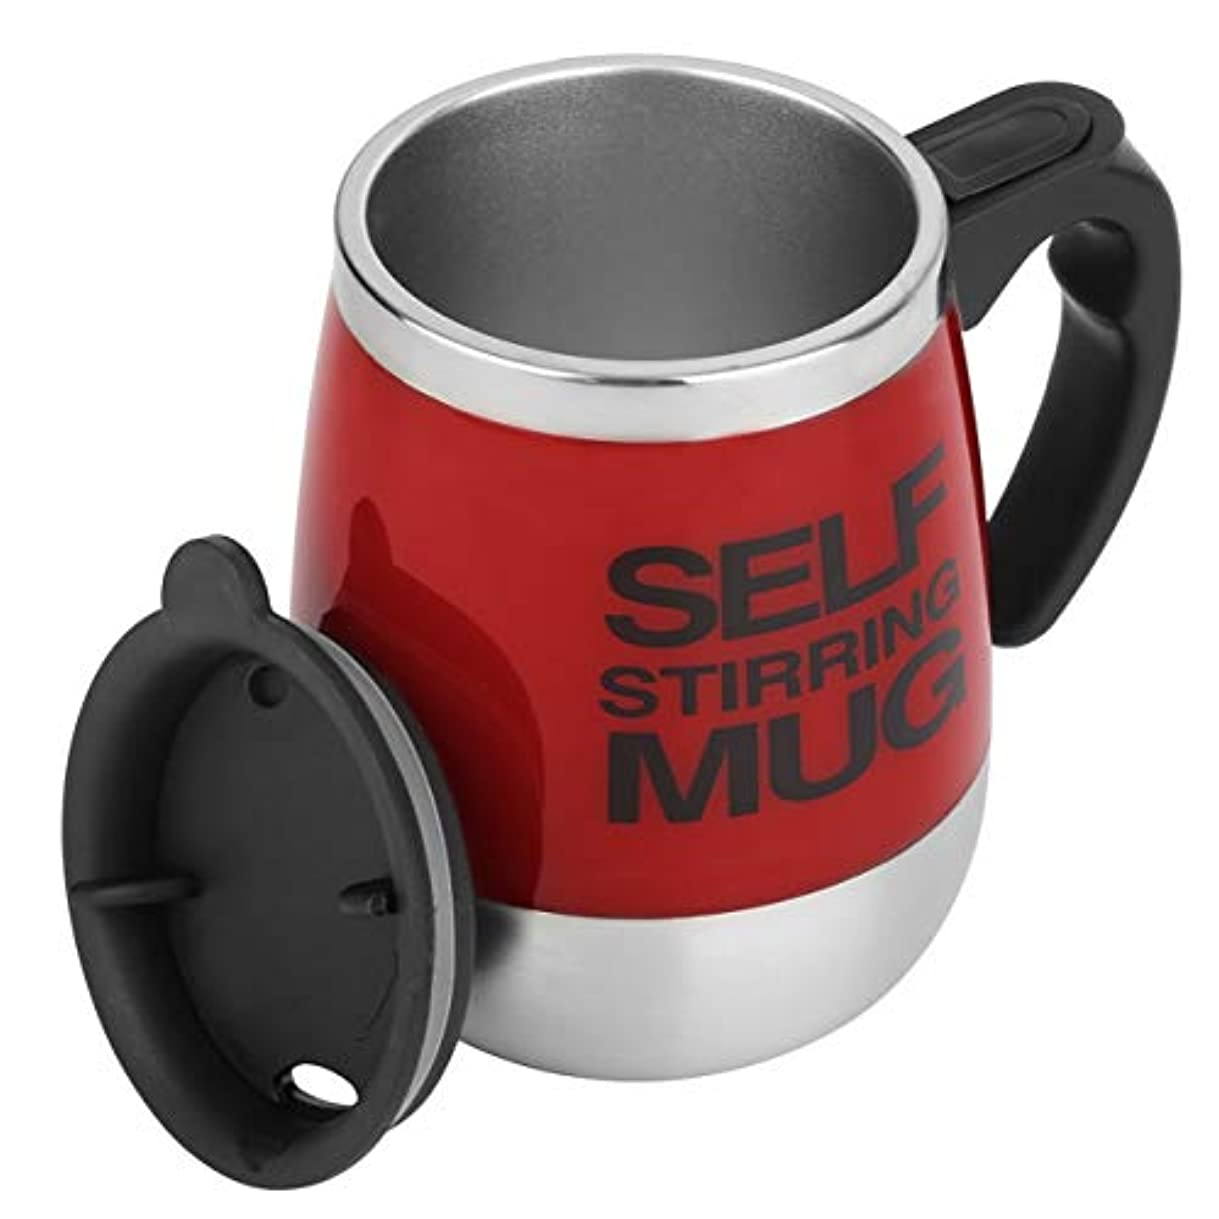 三番請求書緩めるSaikogoods 450ミリリットル ステンレス鋼 自己攪拌マグカップ 自動ミキシング ティーコーヒーカップ 自動 電気コーヒーカップを飲みます 赤